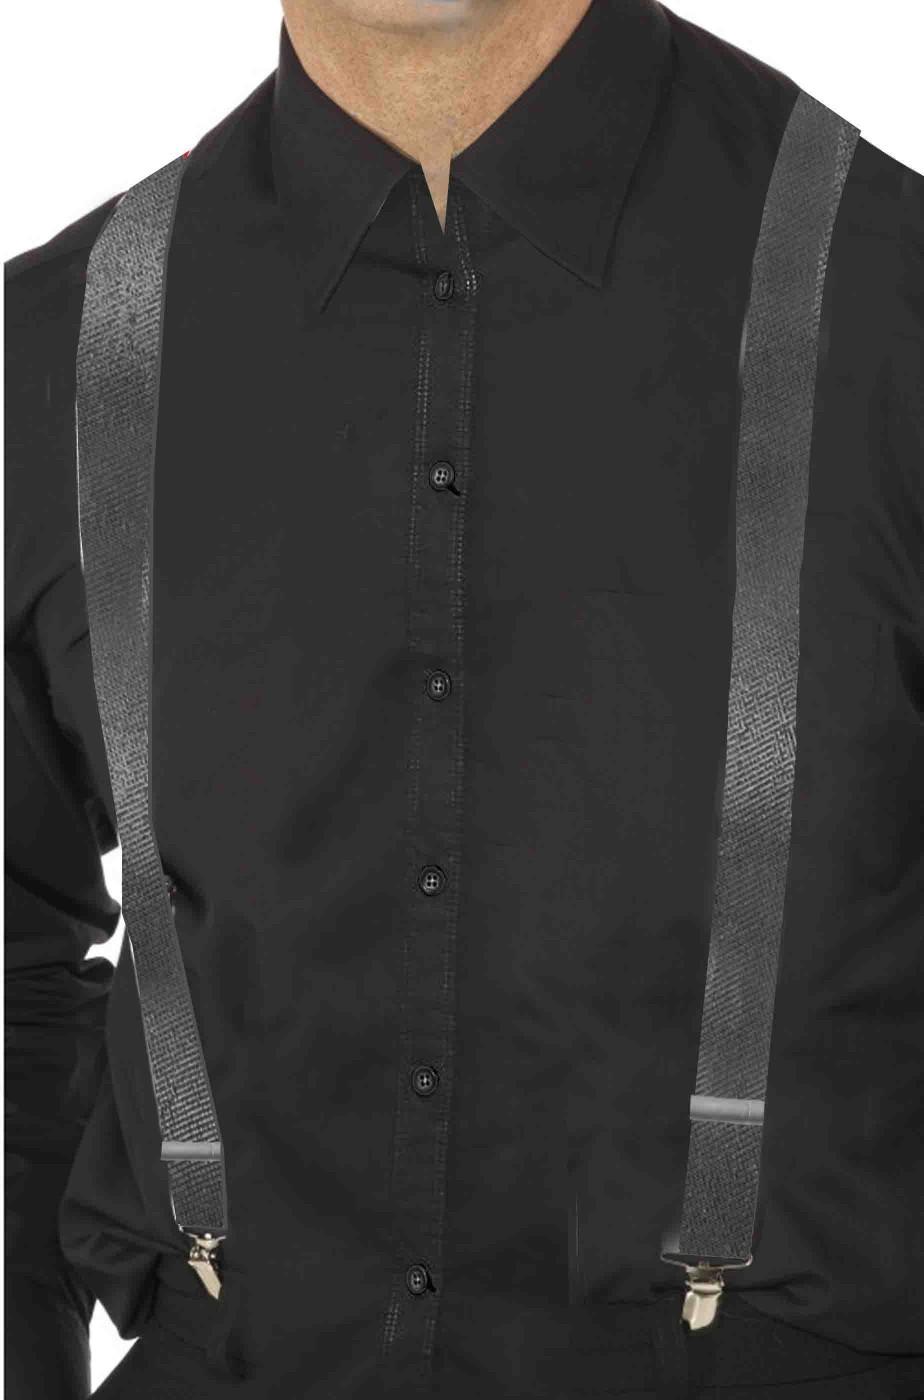 Bretelle nere con filettatura argento